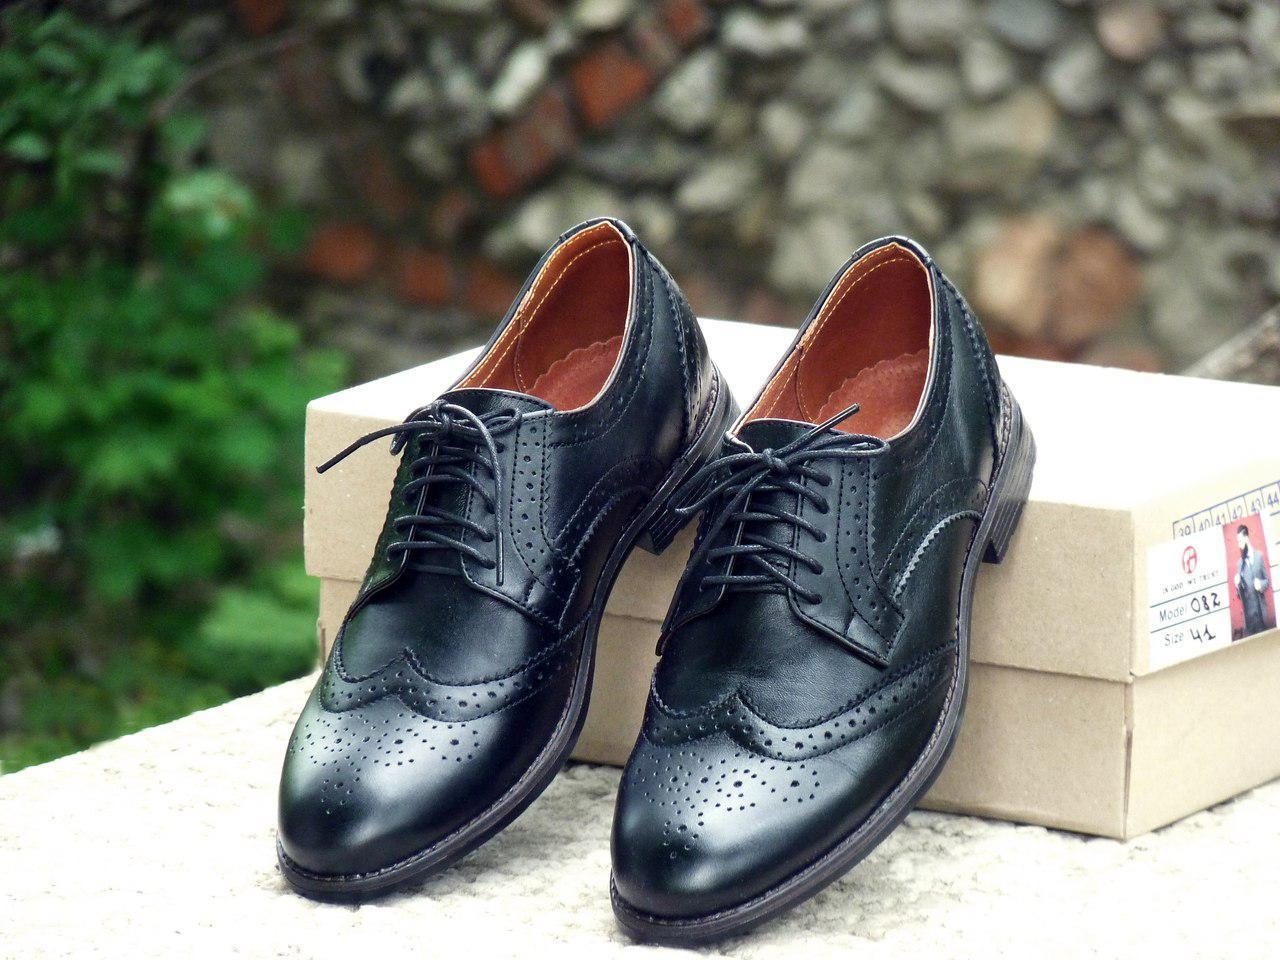 Туфли броги мужские черные кожаные (Onyx) от бренда Legessy размер 40, 41, 42, 43, 44, 45 Черный, 41